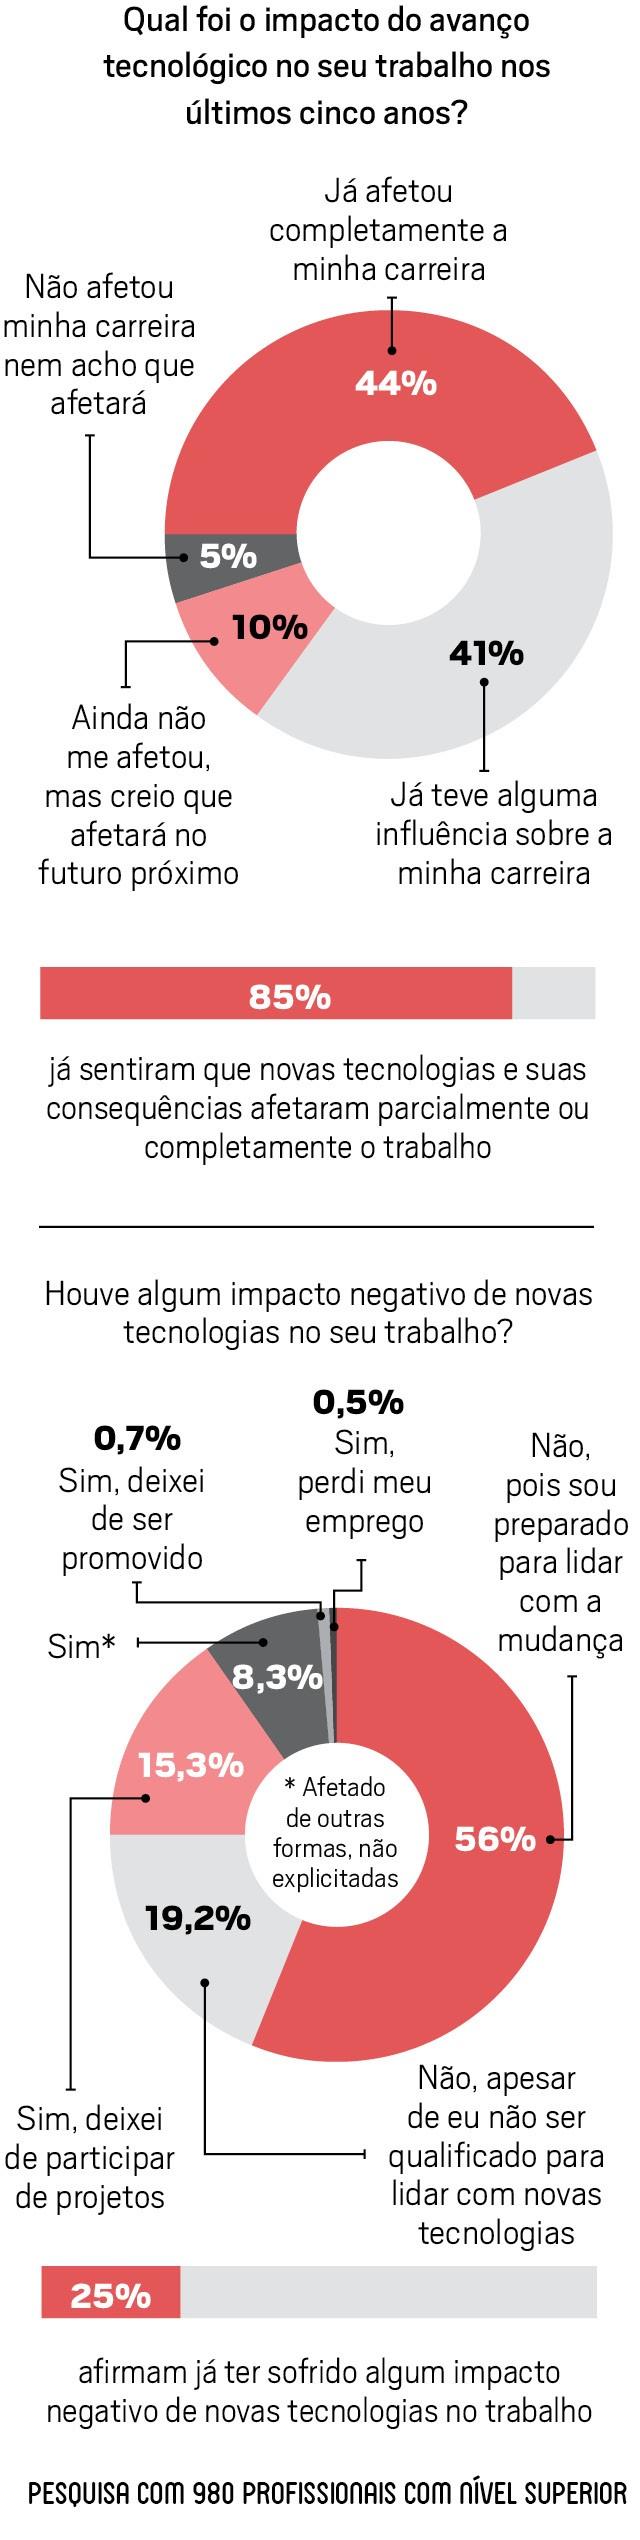 Impactos da transformação digital no futuro do trabalho (Foto: Anna Carolina Negri)